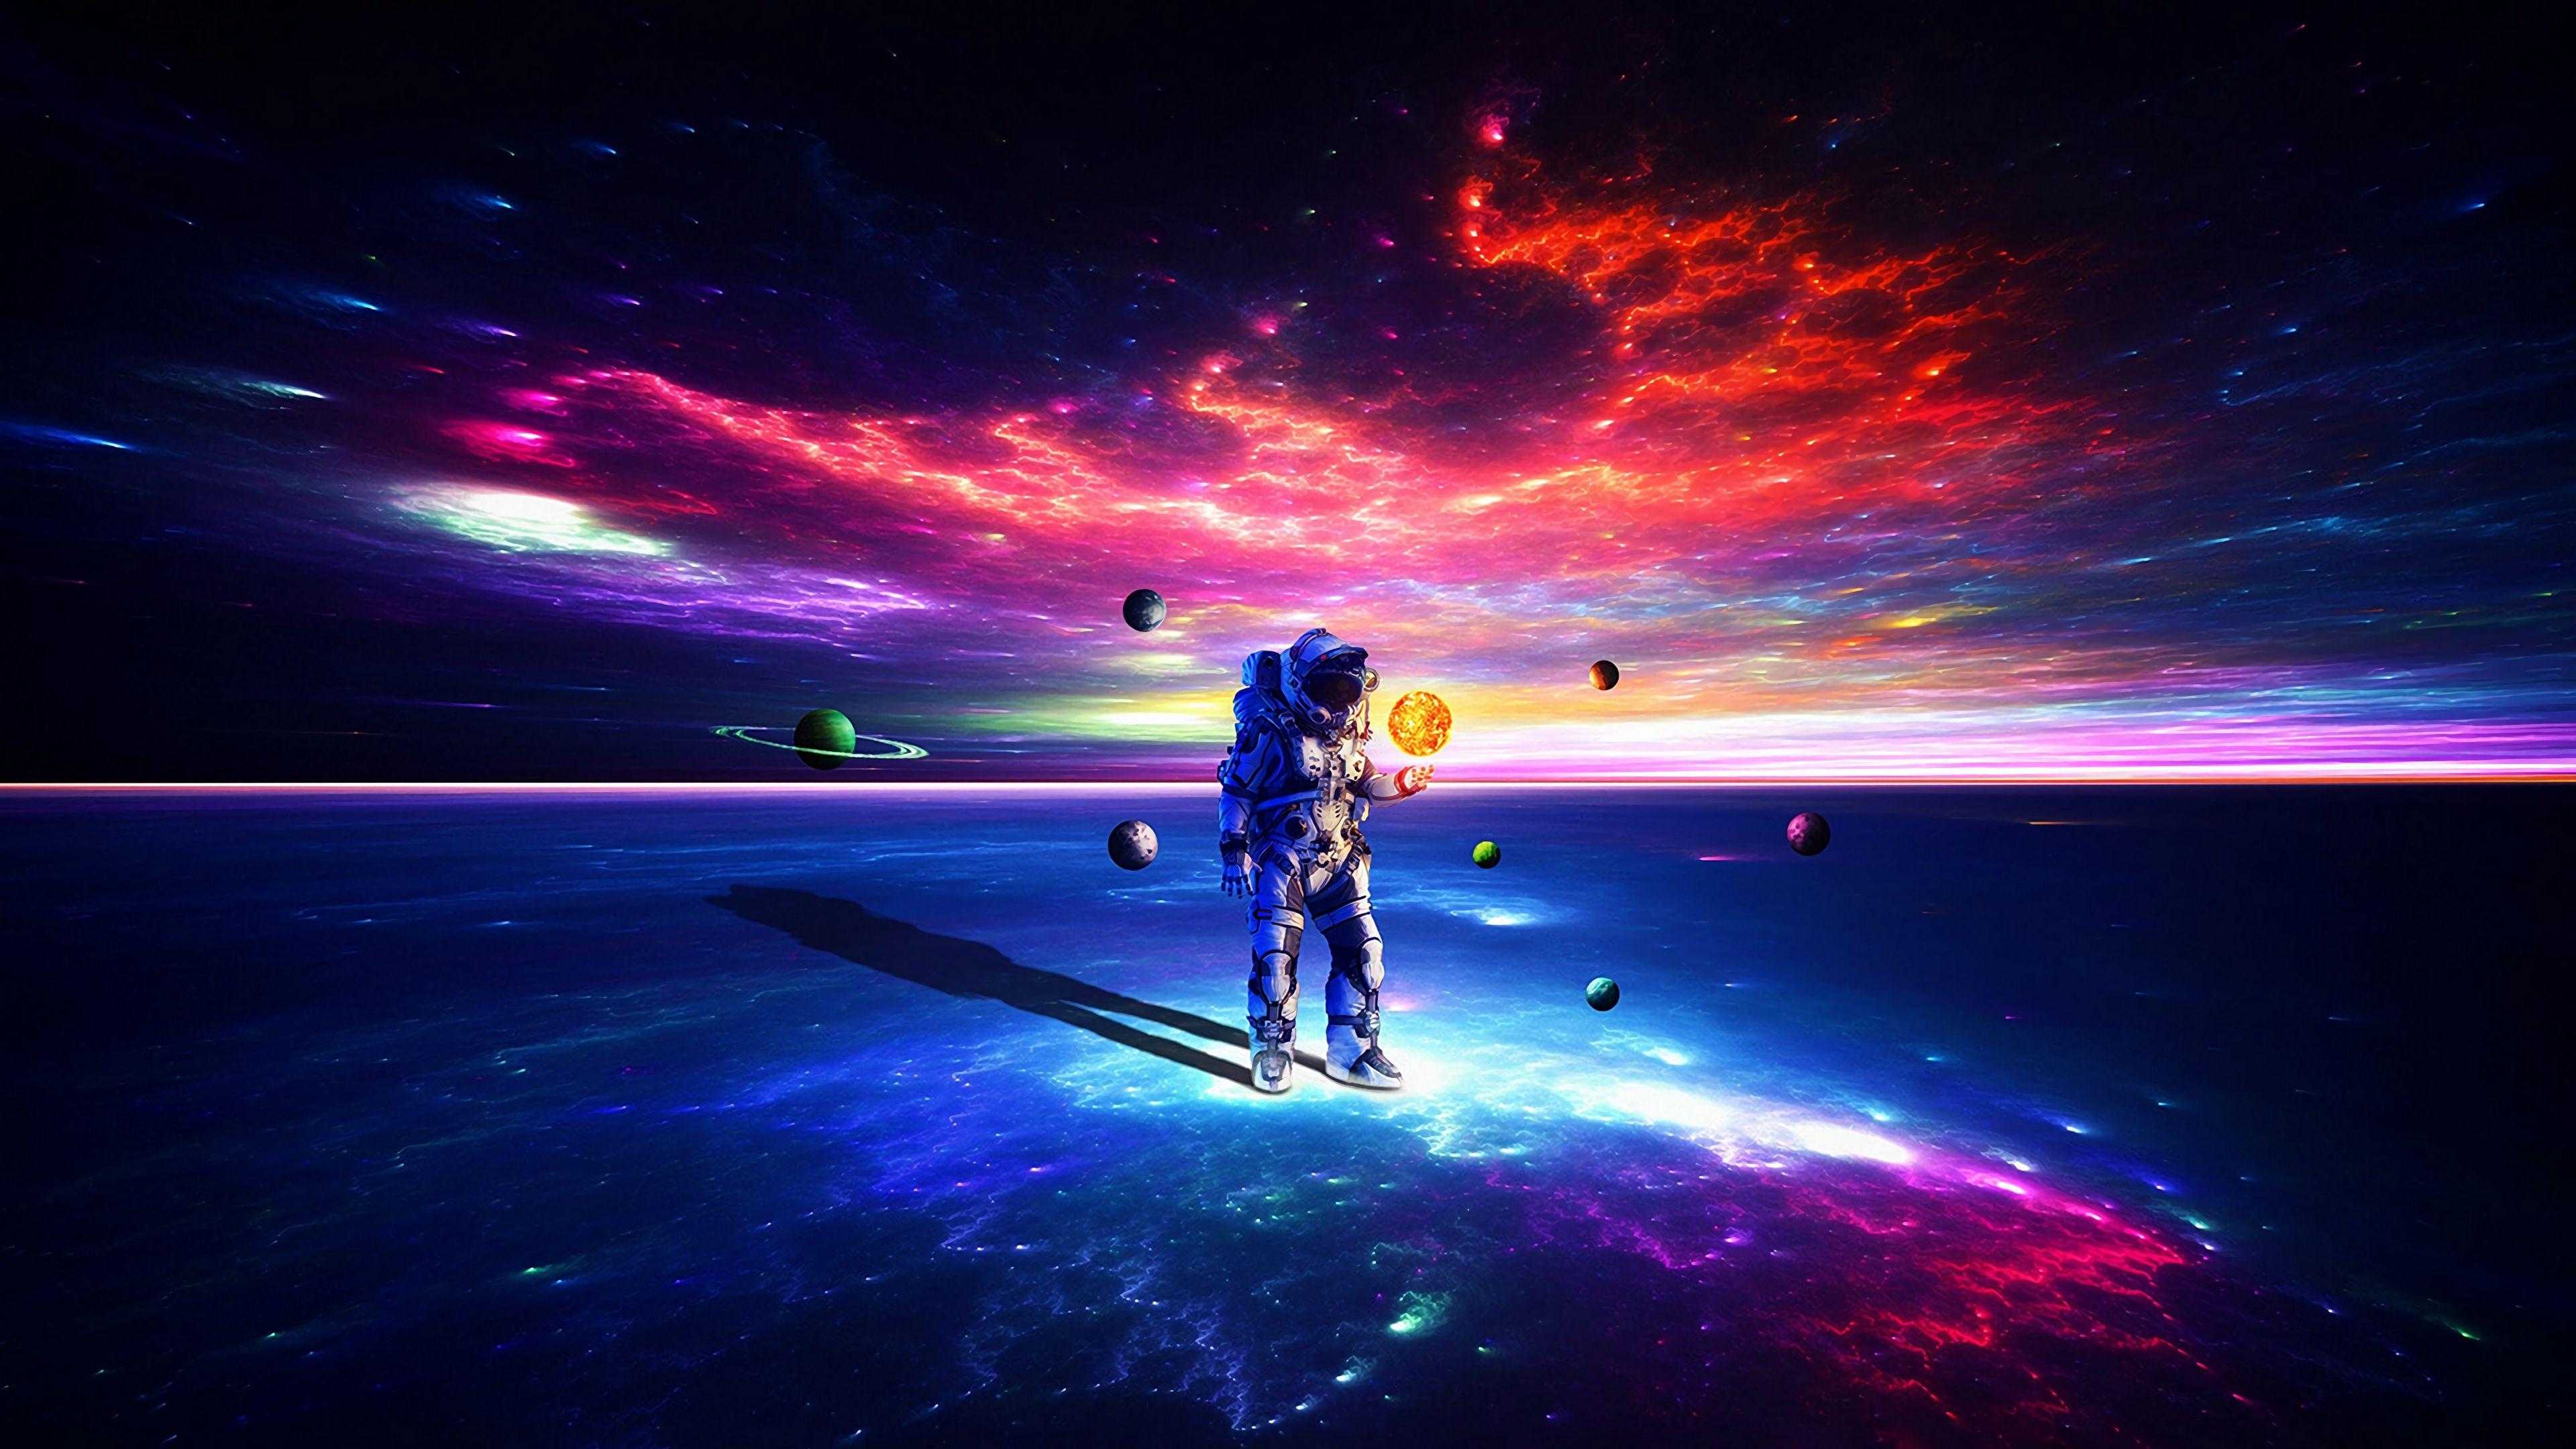 Download Original - Big Bang , HD Wallpaper & Backgrounds